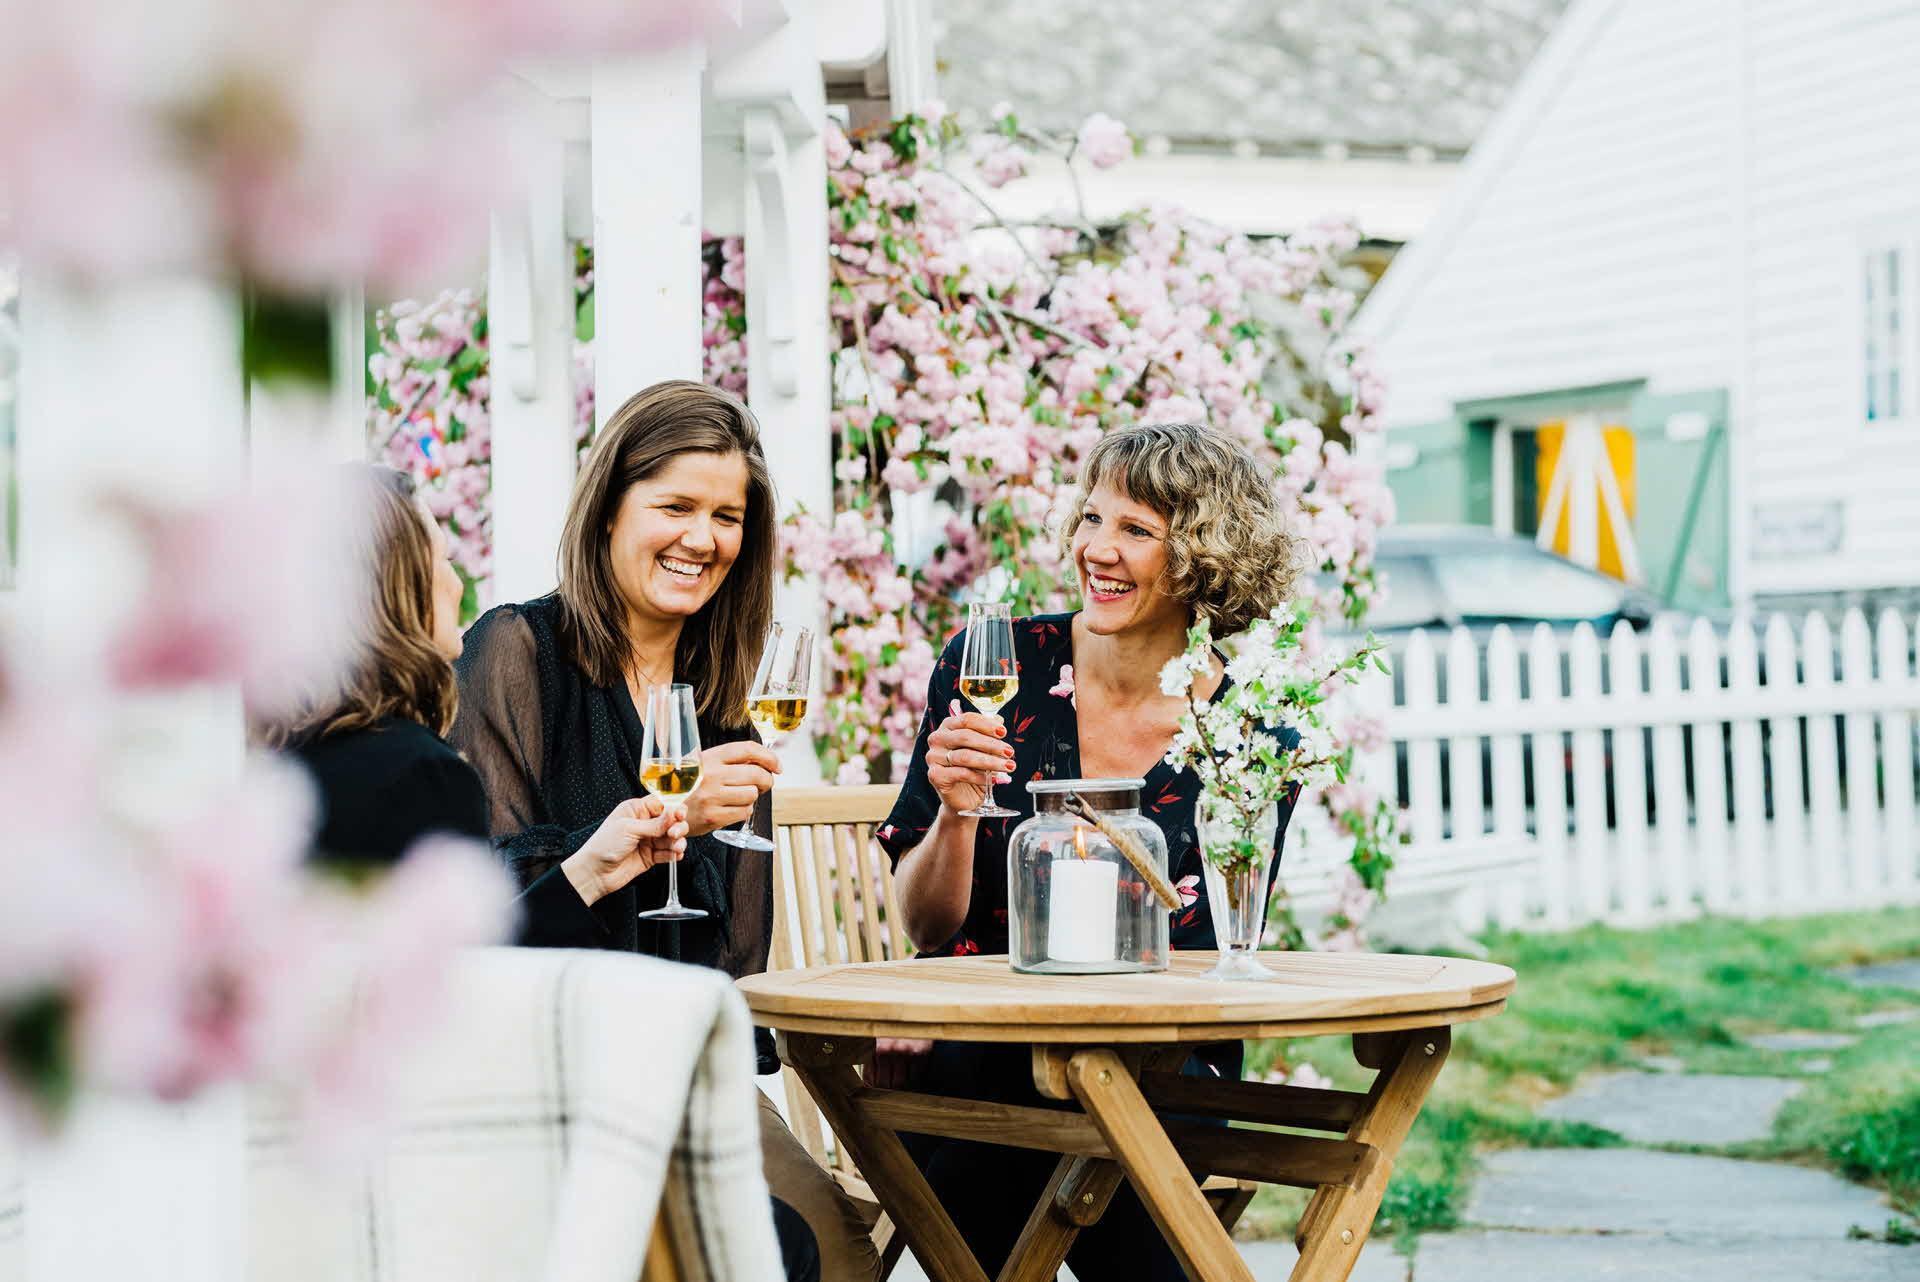 3 blide damer i 40 årene koser seg og drikker sider i en blomsterhage i Hardanger